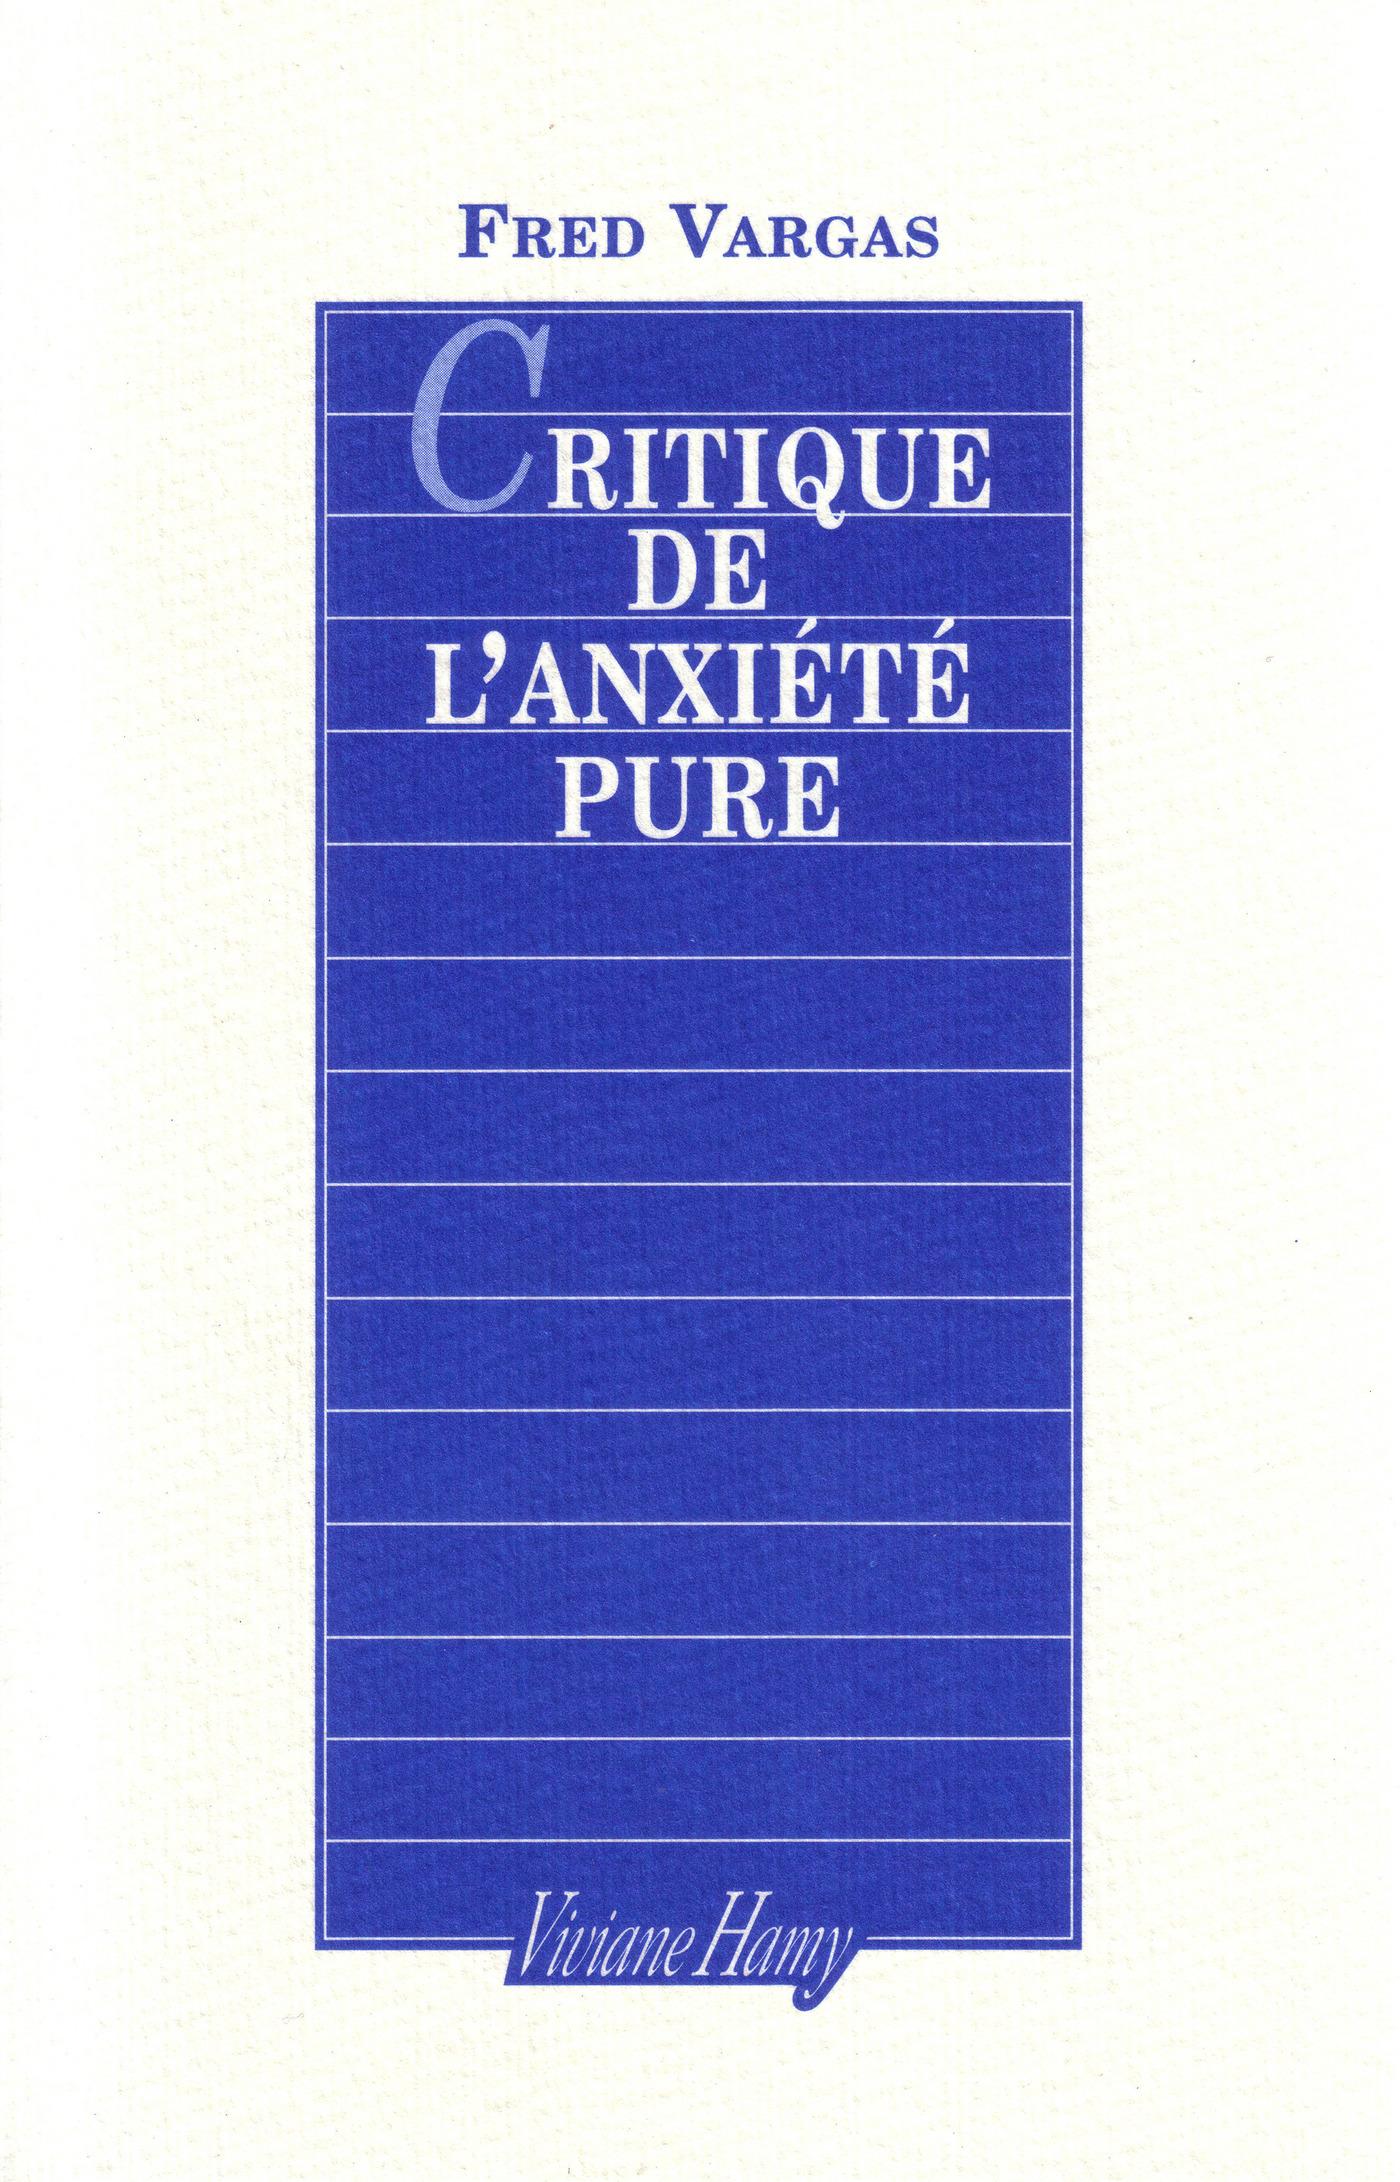 Critique de l'anxiété pure